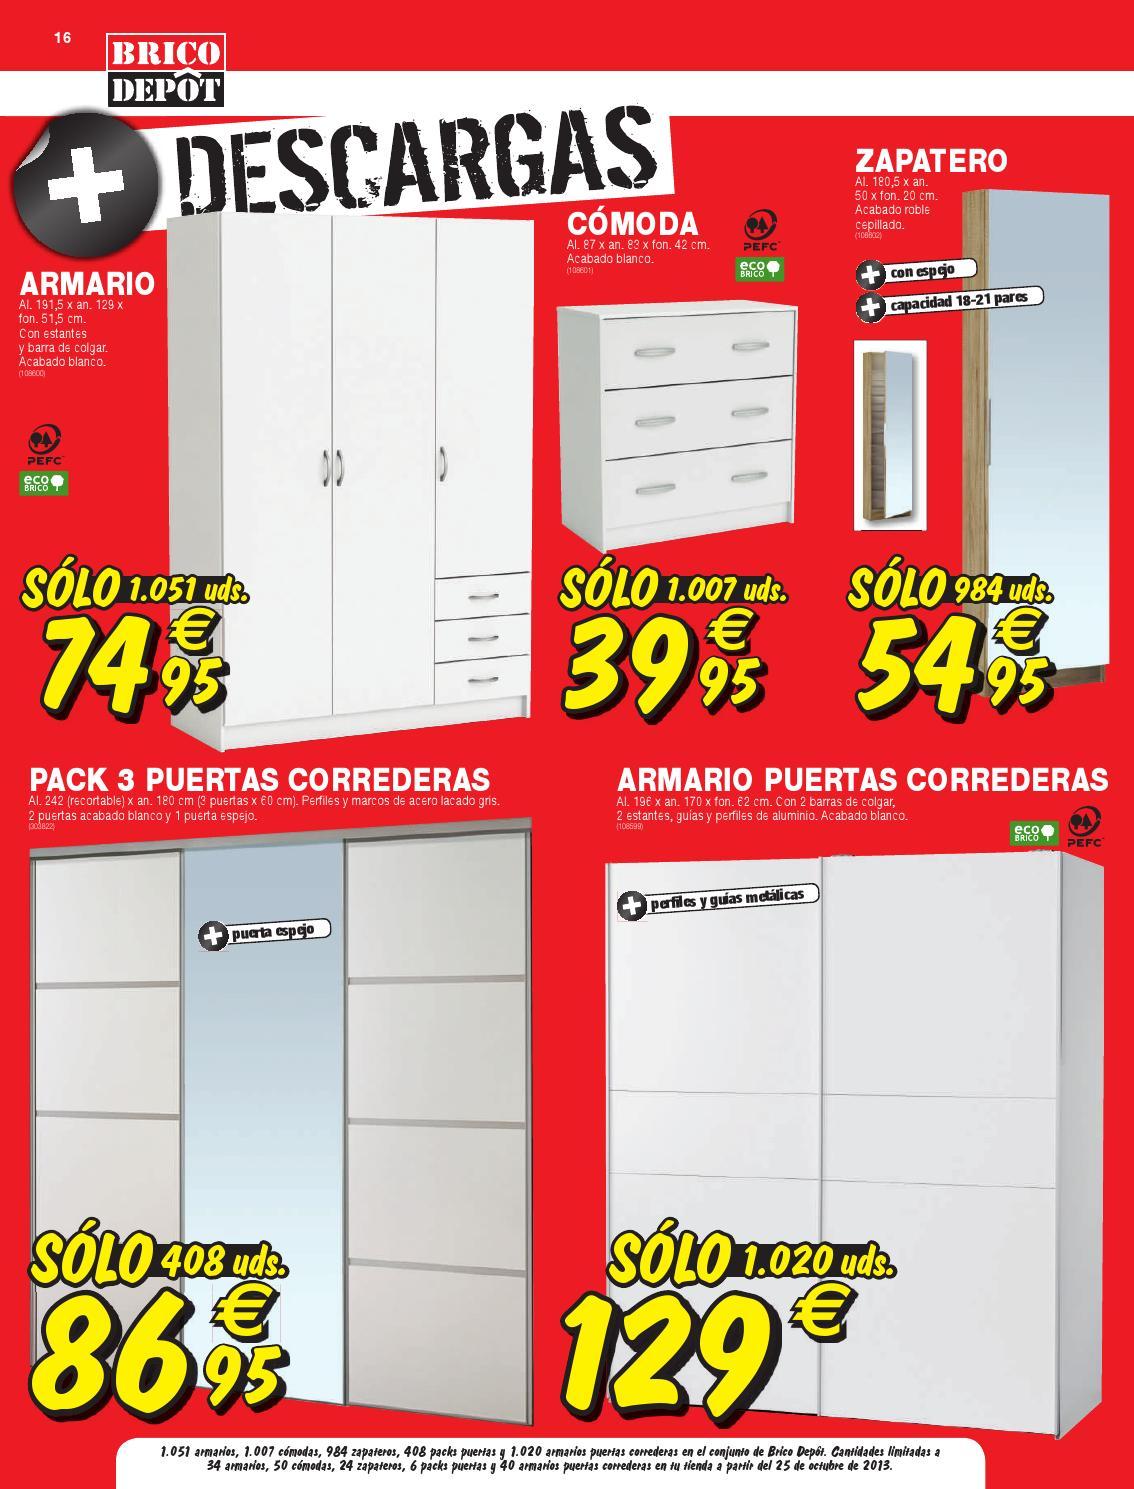 Pasamanos de madera brico depot de cd video with for Estanterias metalicas bricomart